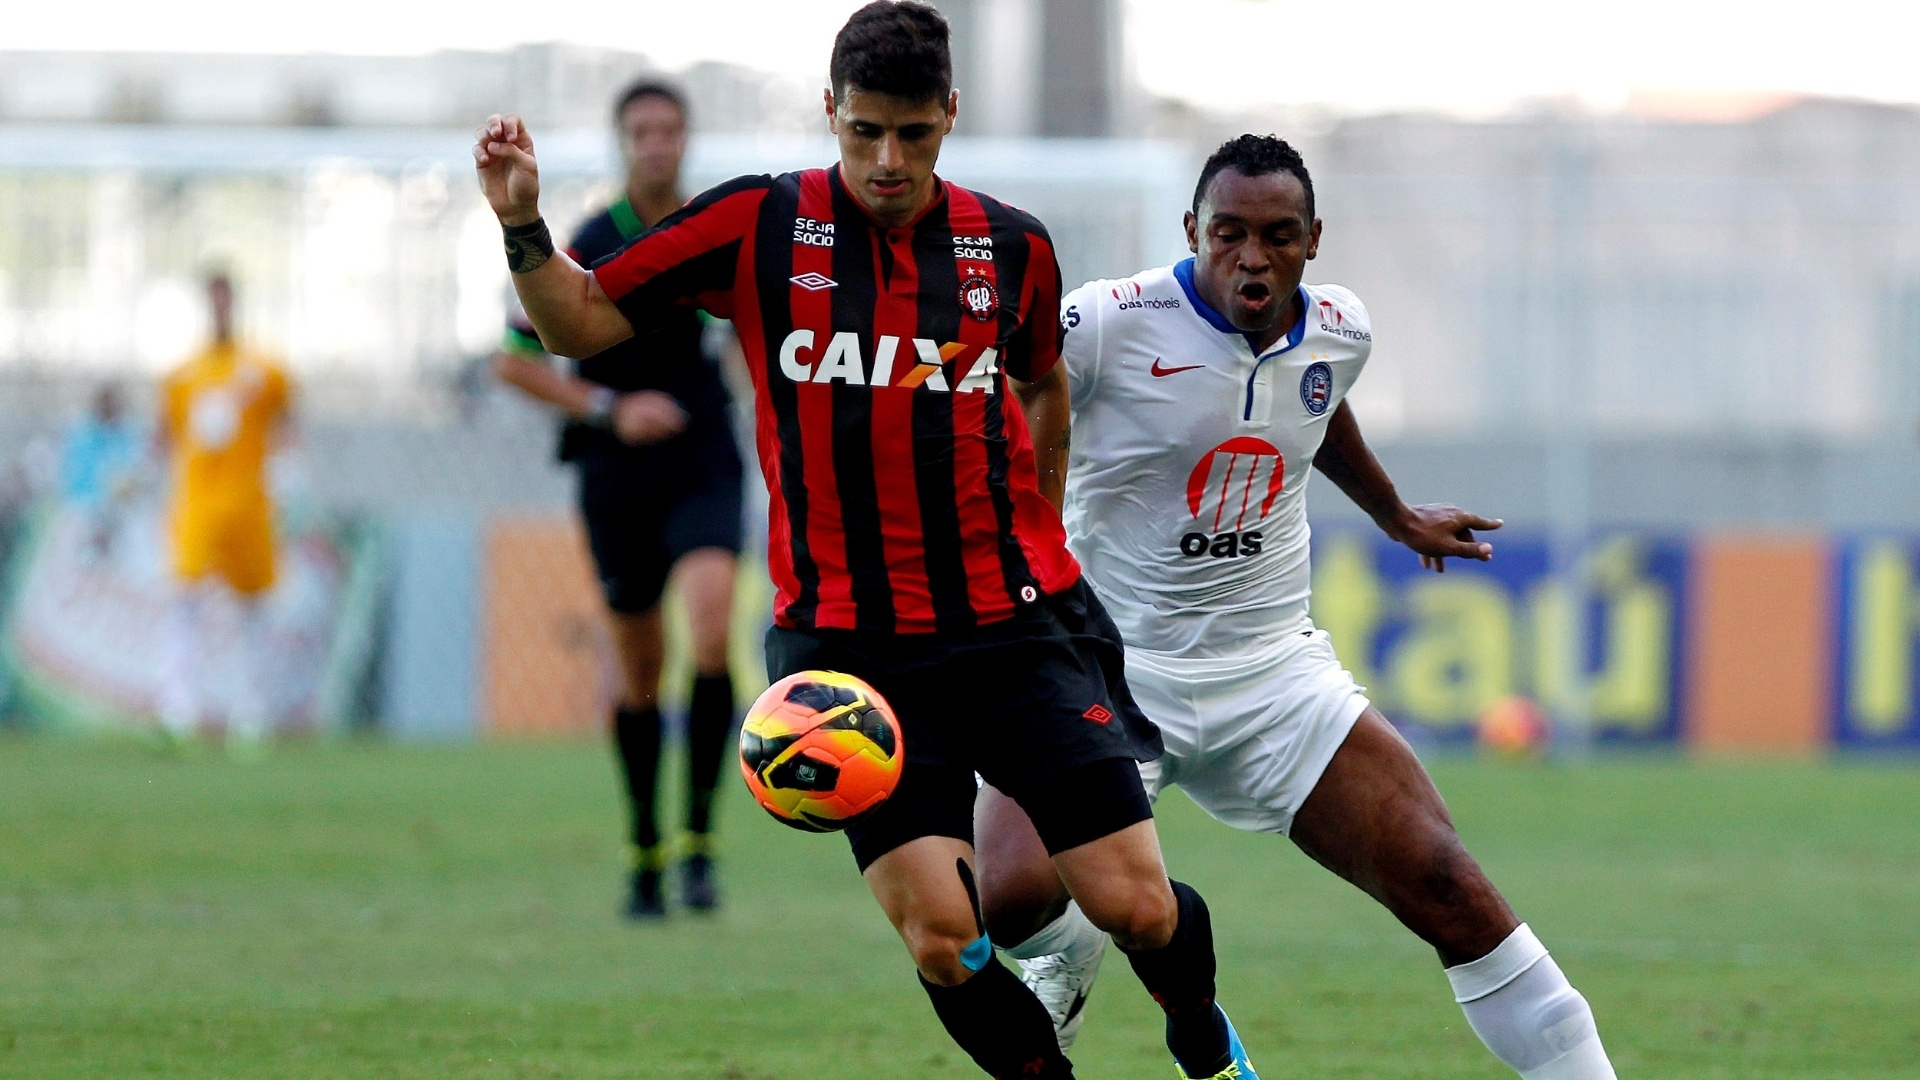 Dráusio (esq.) disputa a bola com Obina na partida entre Bahia e Atlético-PR (27.out.2013)